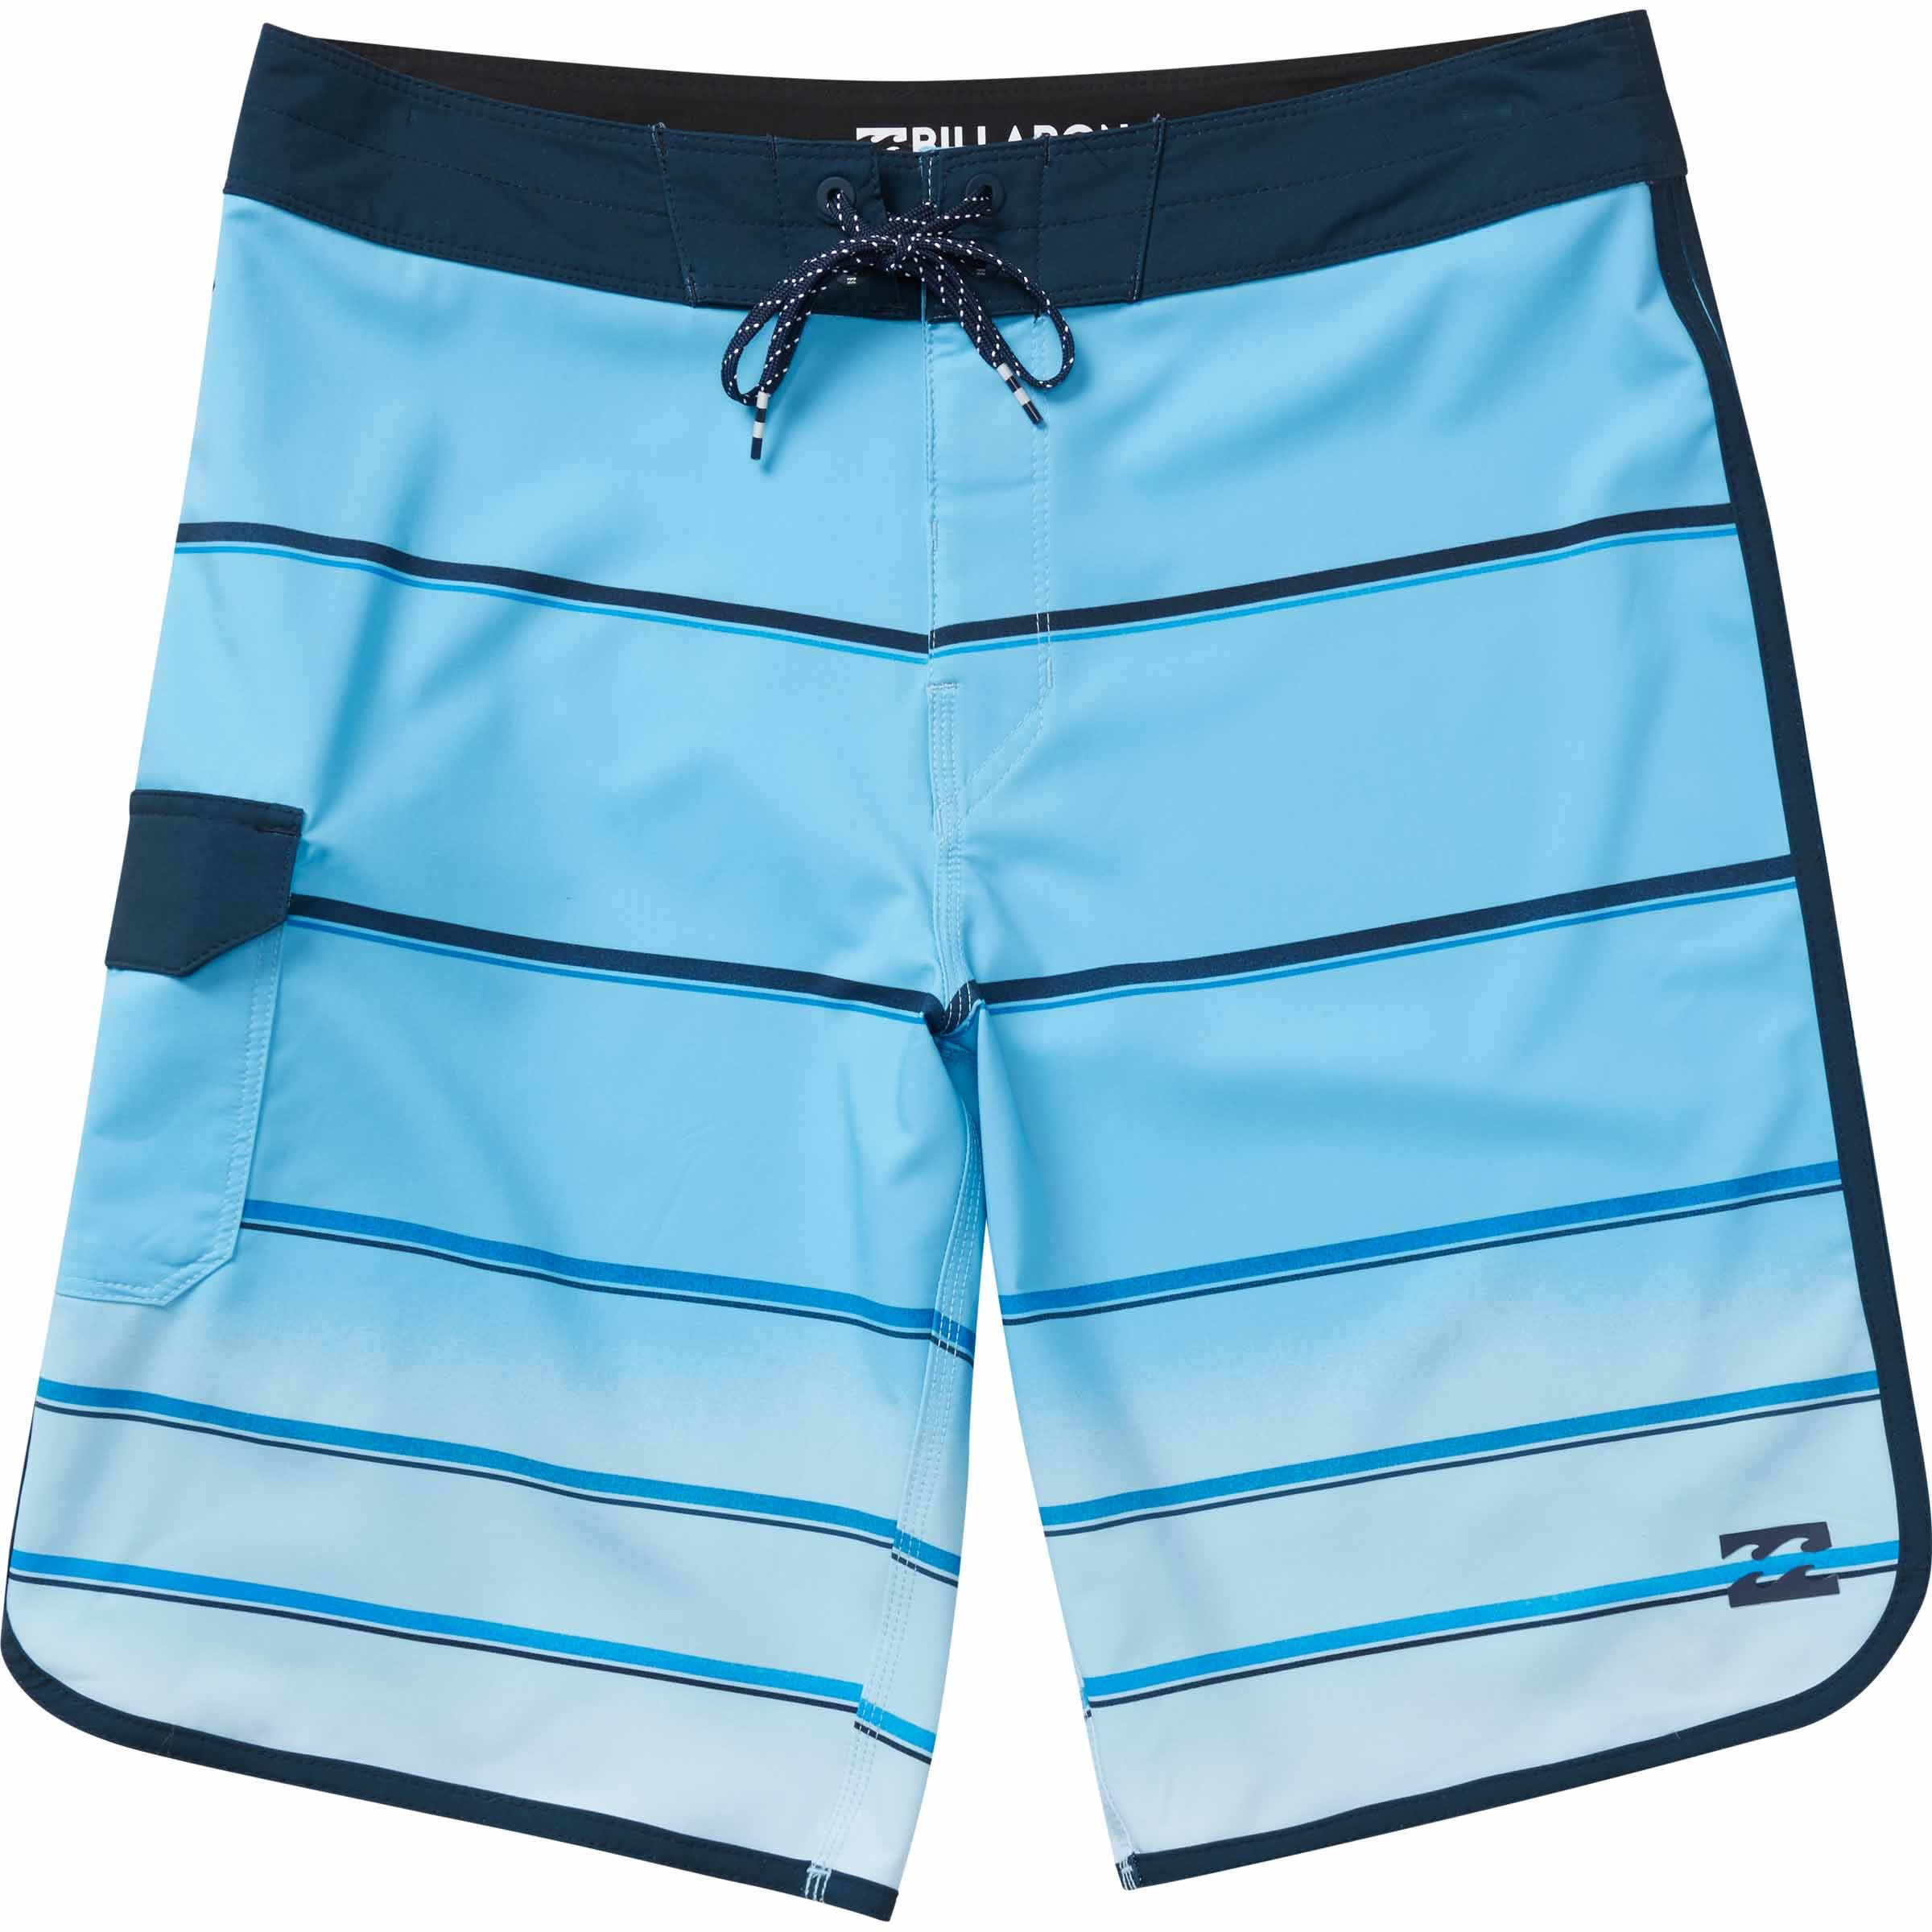 Billabong Men's 73 X Stripe Bordshort, Light Blue, 34